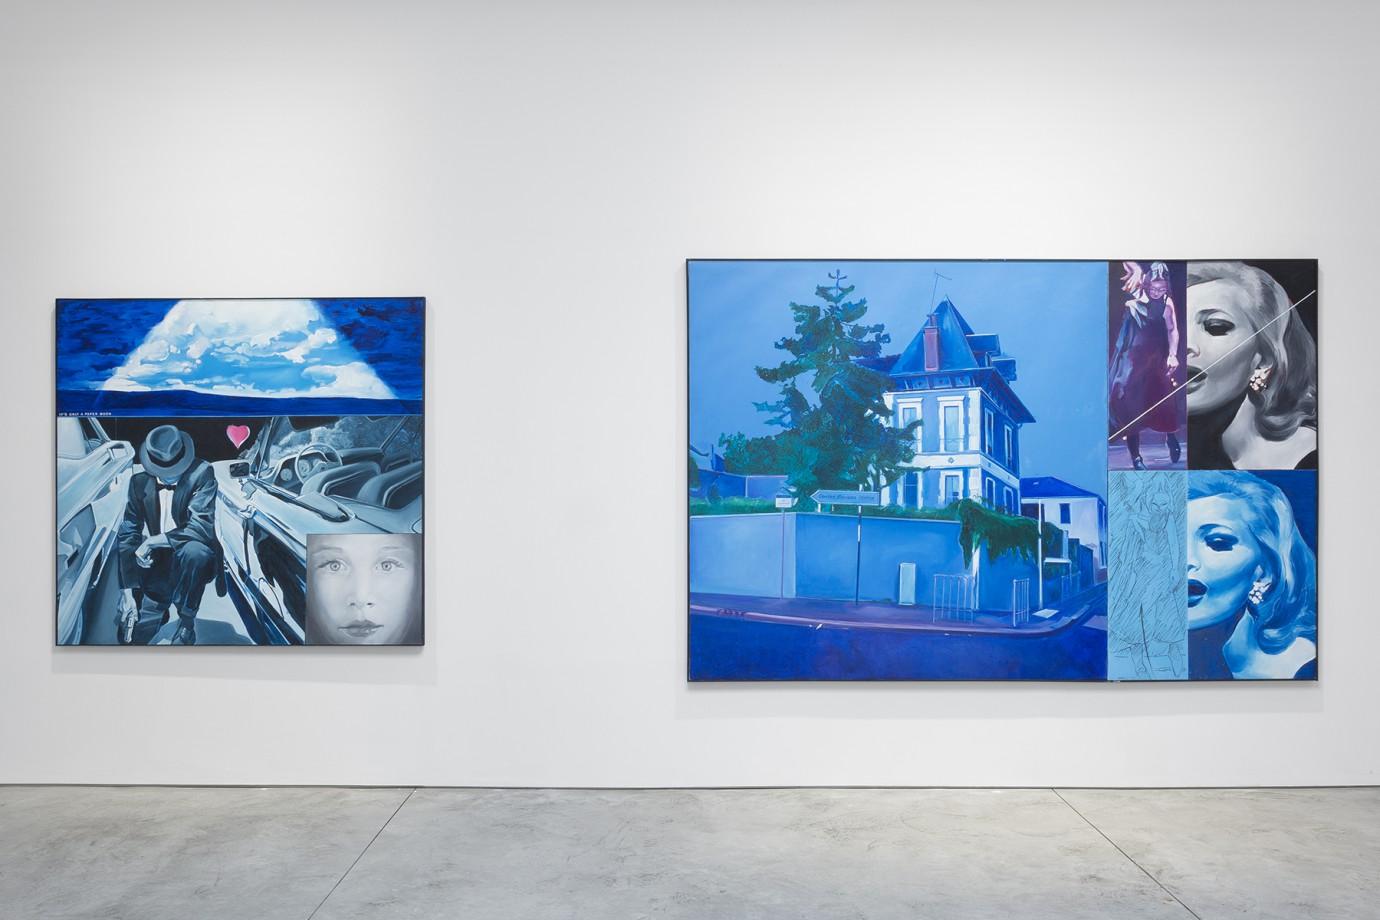 Left: La vie imaginaire de Jonq Erouas Cym n°5; Right: Spéciale n°54 Hommage á Hopper